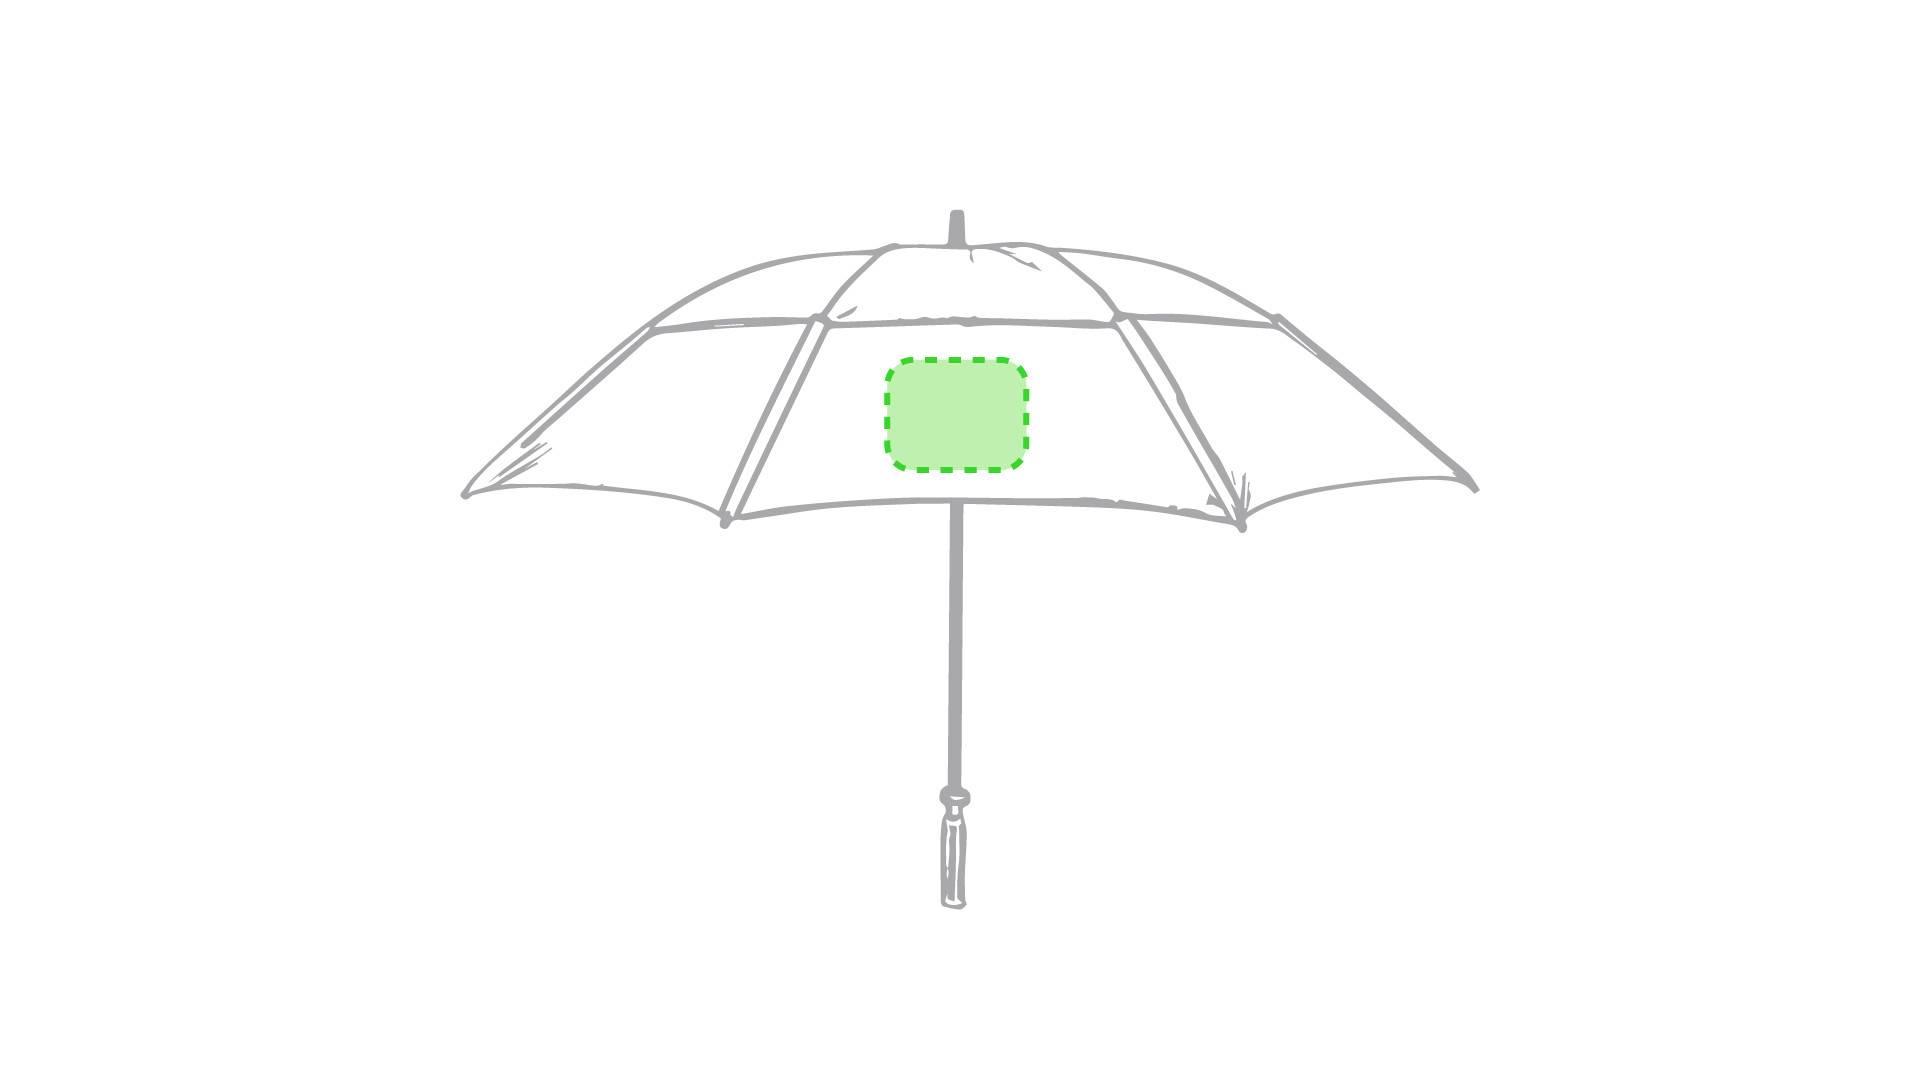 Paraguas de golf antiviento 1